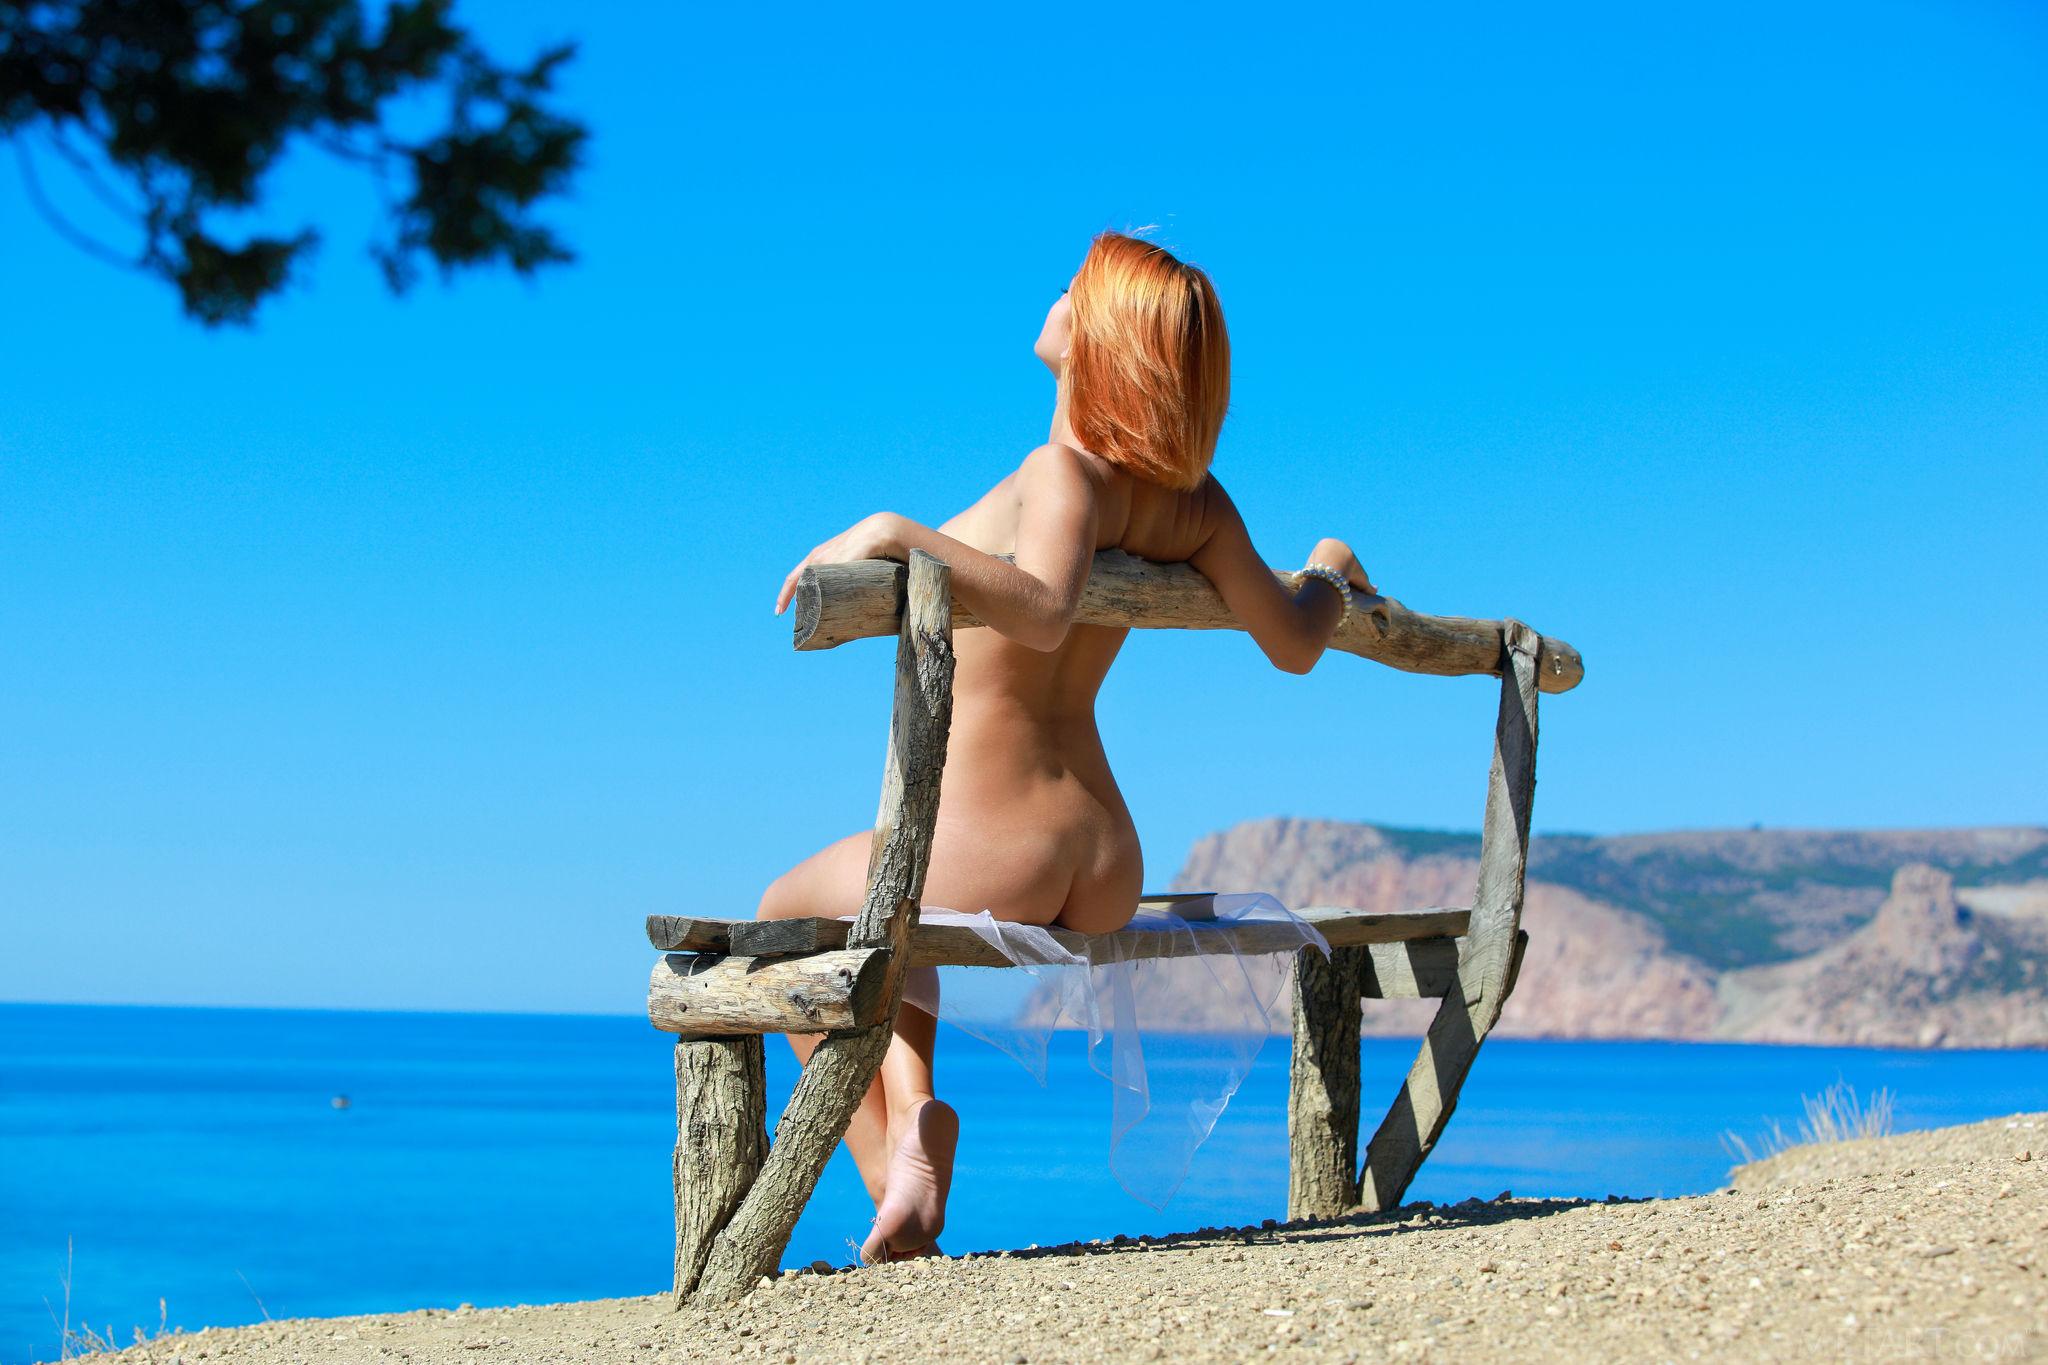 Смотреть нежный секс на берегу моря 5 фотография